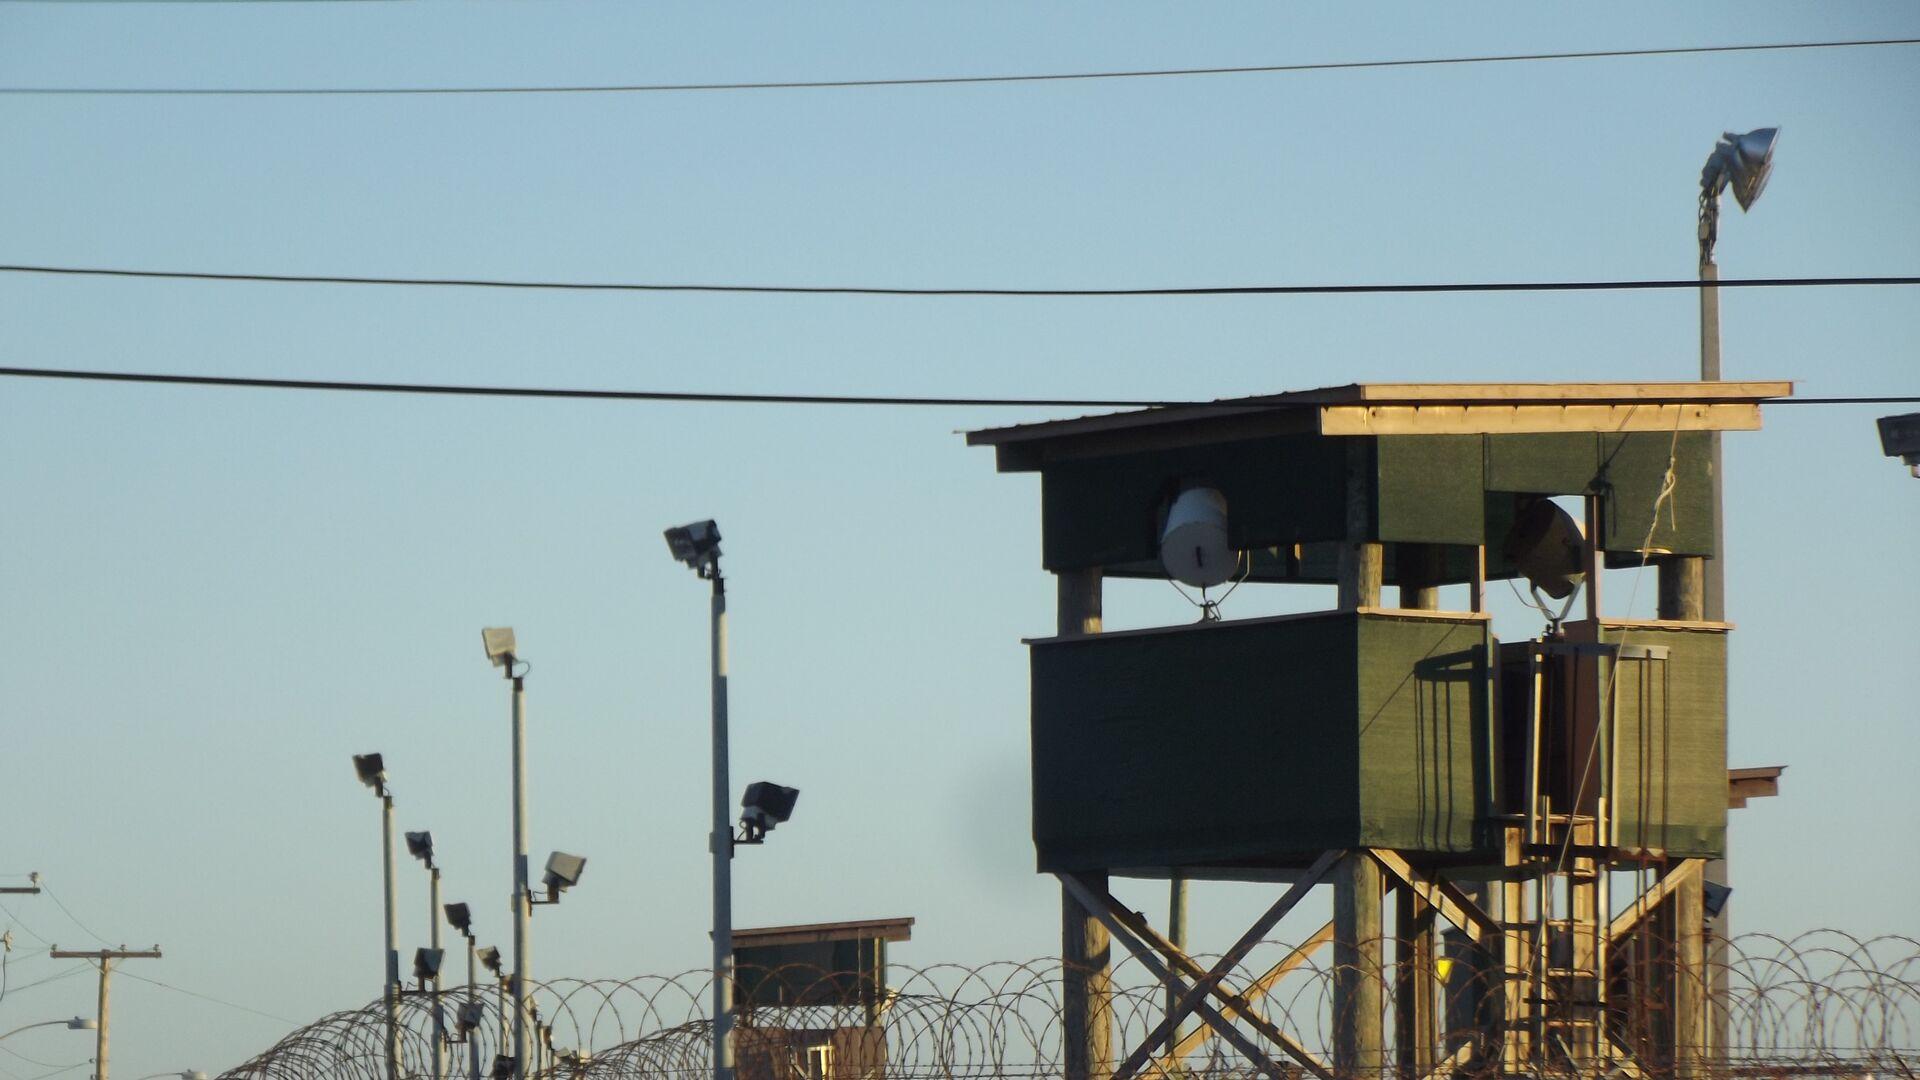 Una de las torres de vigilancia del Campo 6 de Guantánamo - Sputnik Mundo, 1920, 23.02.2021